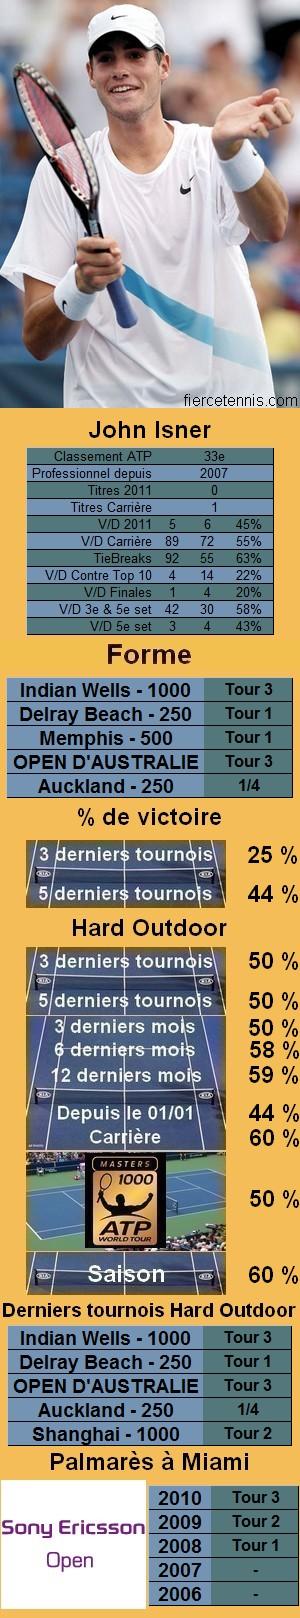 Les statistiques tennis de John Isner pour le tournoi de Miami